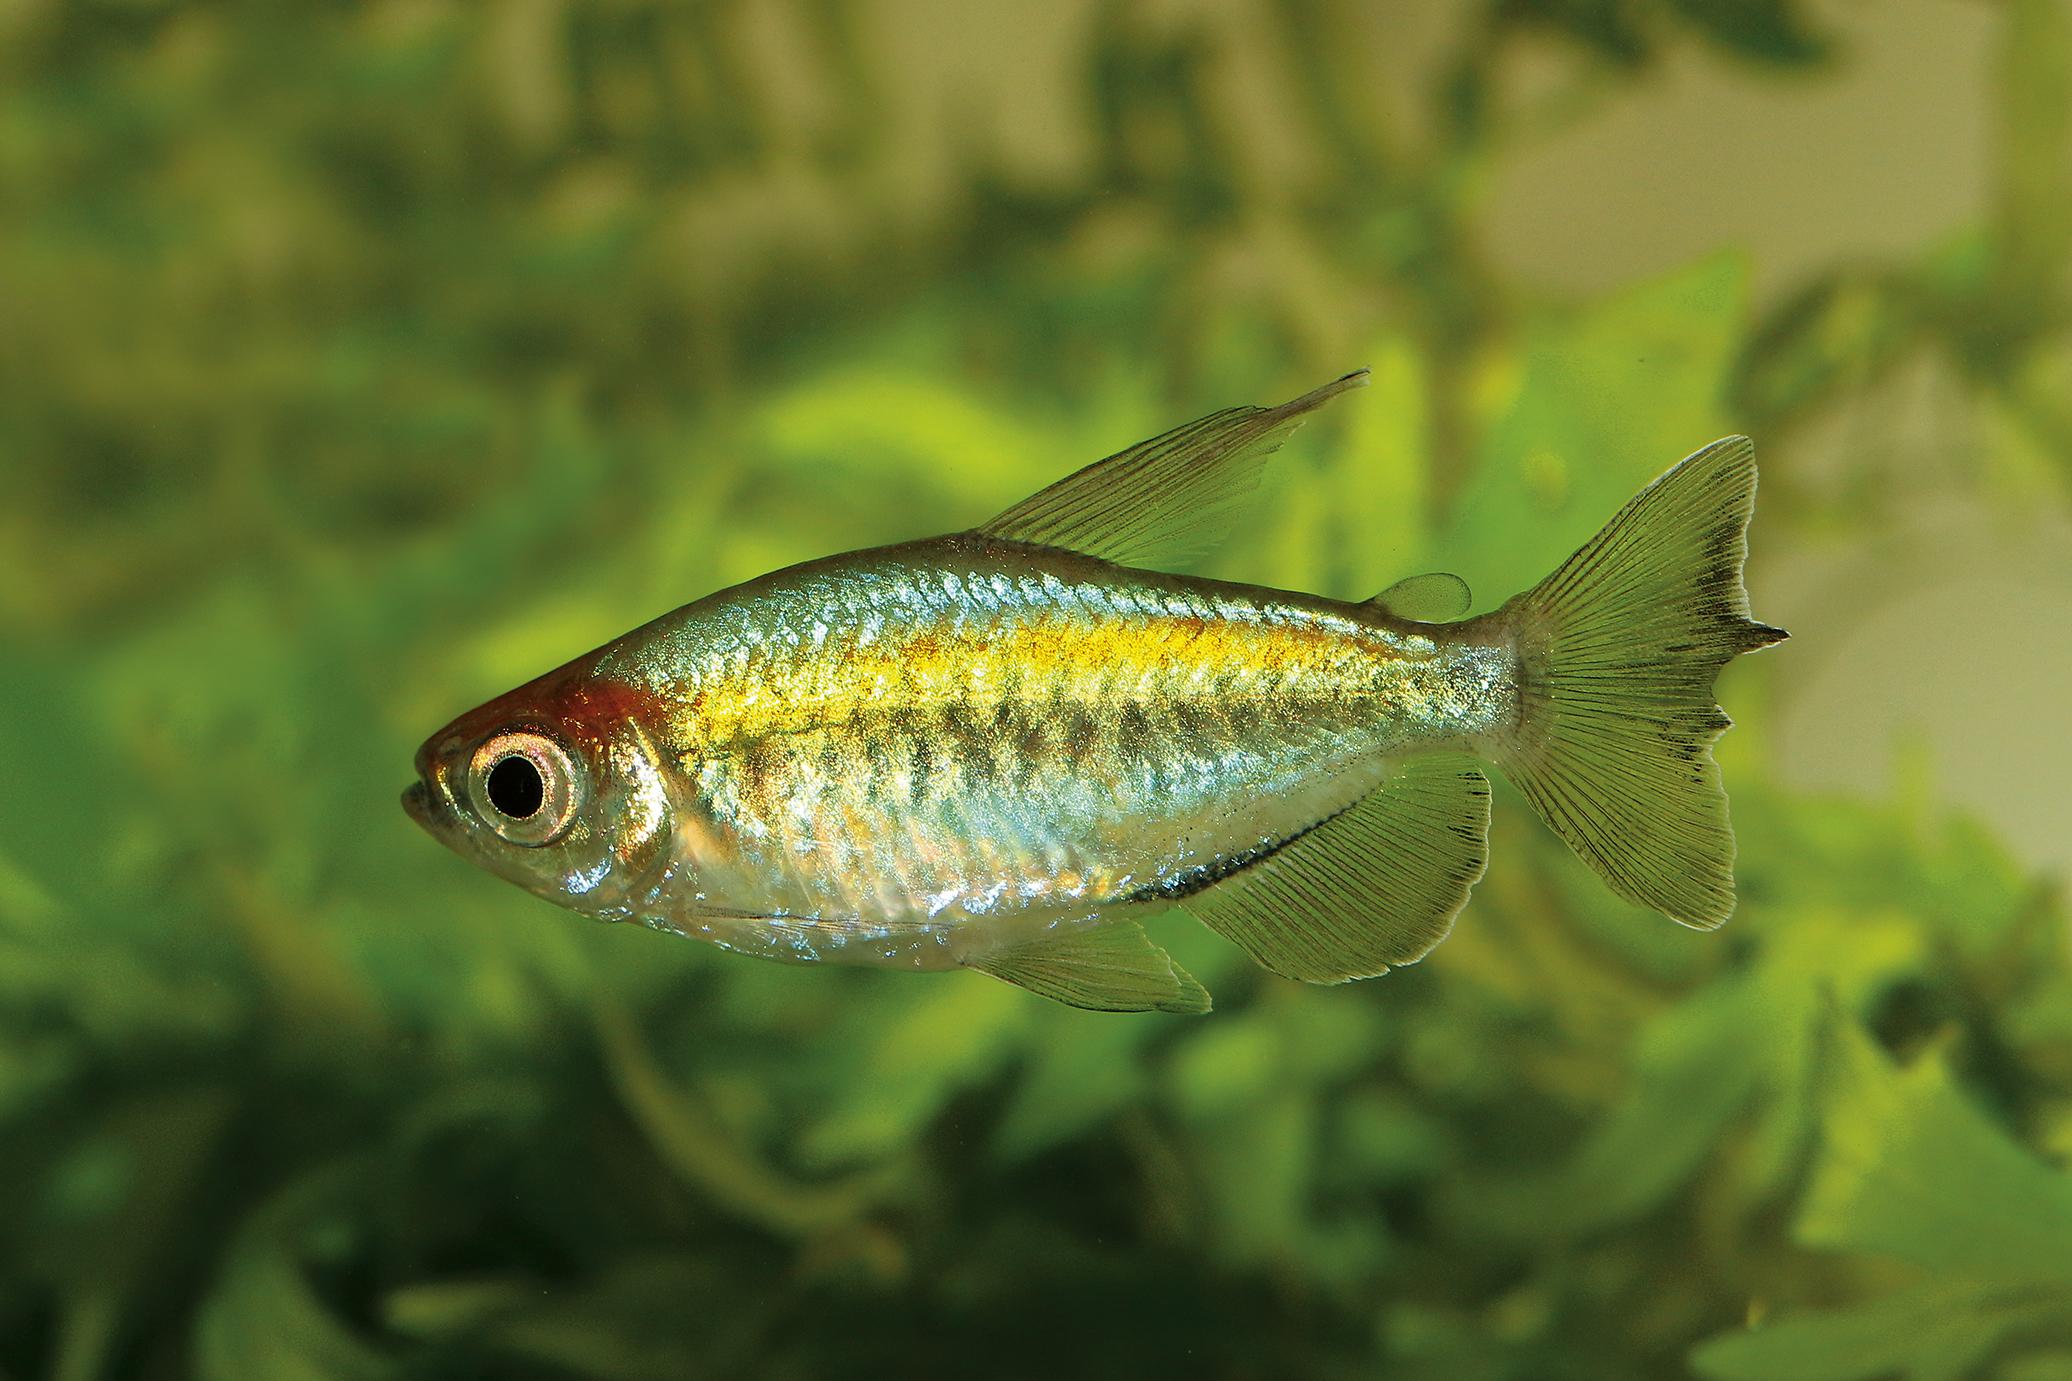 Congo tetra aquarium fish Phenacogrammus interruptus